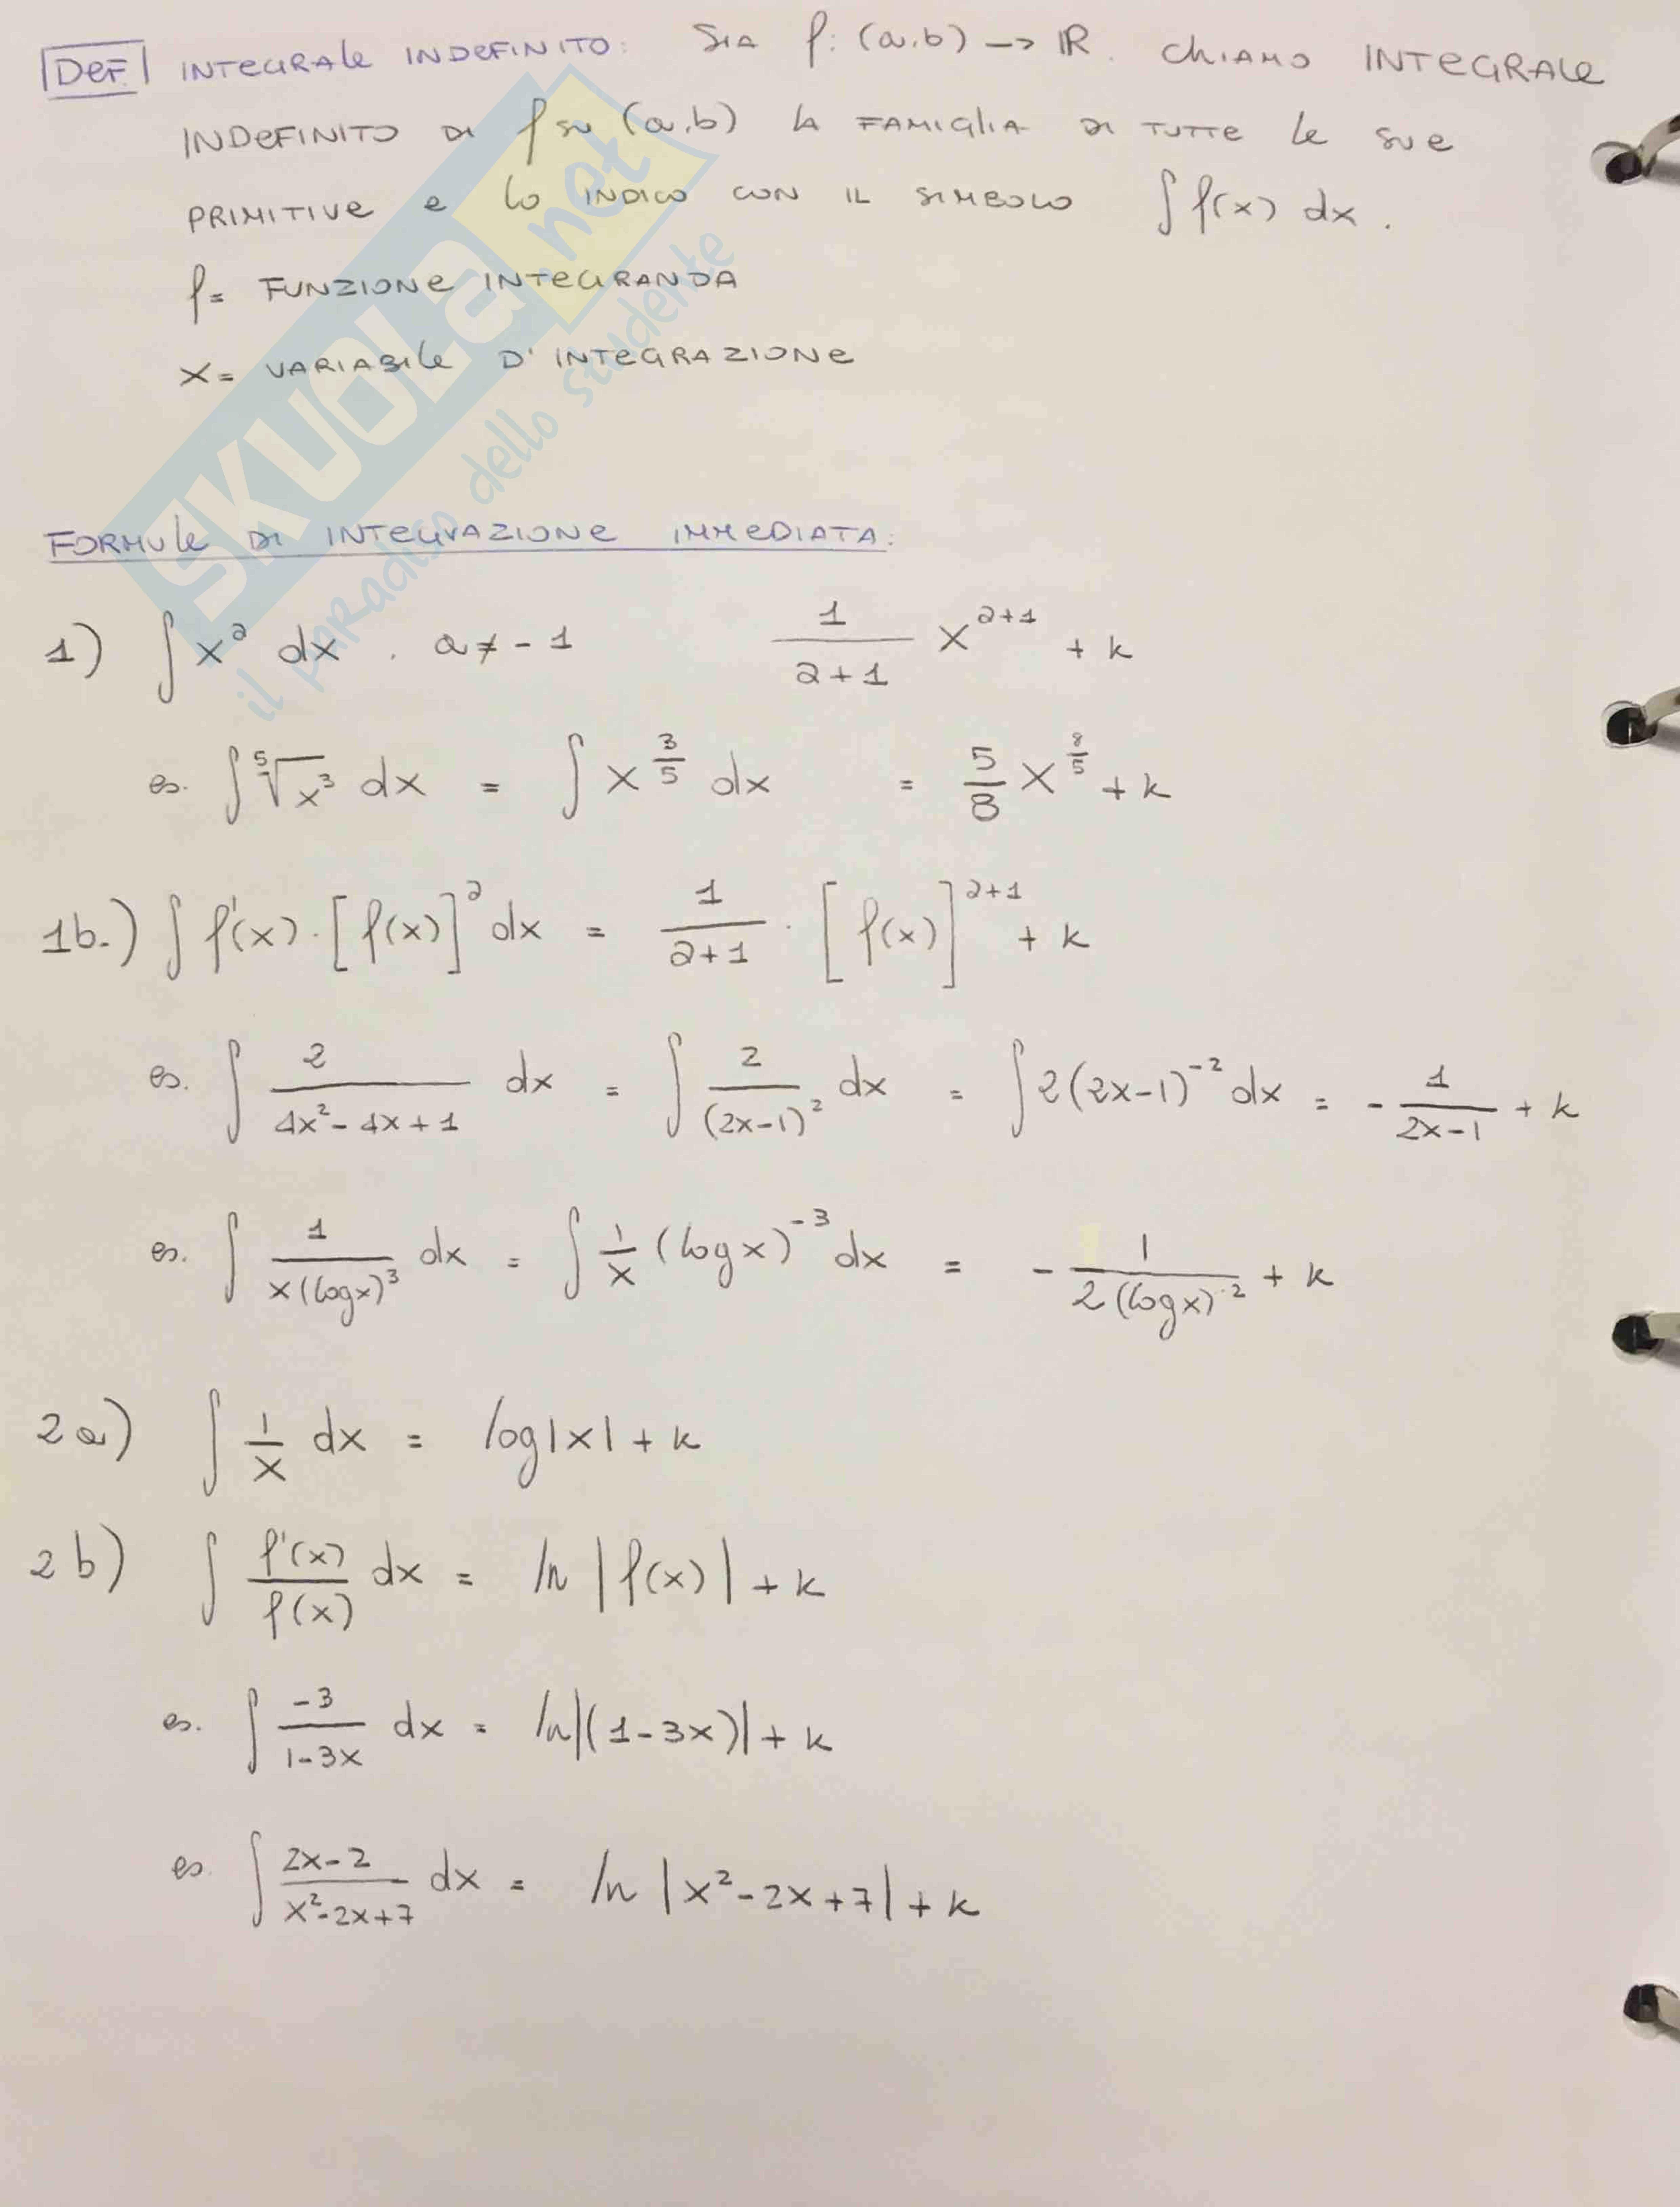 Appunti primo parziale matematica finanziaria (anno 1) - Bocconi Pag. 2